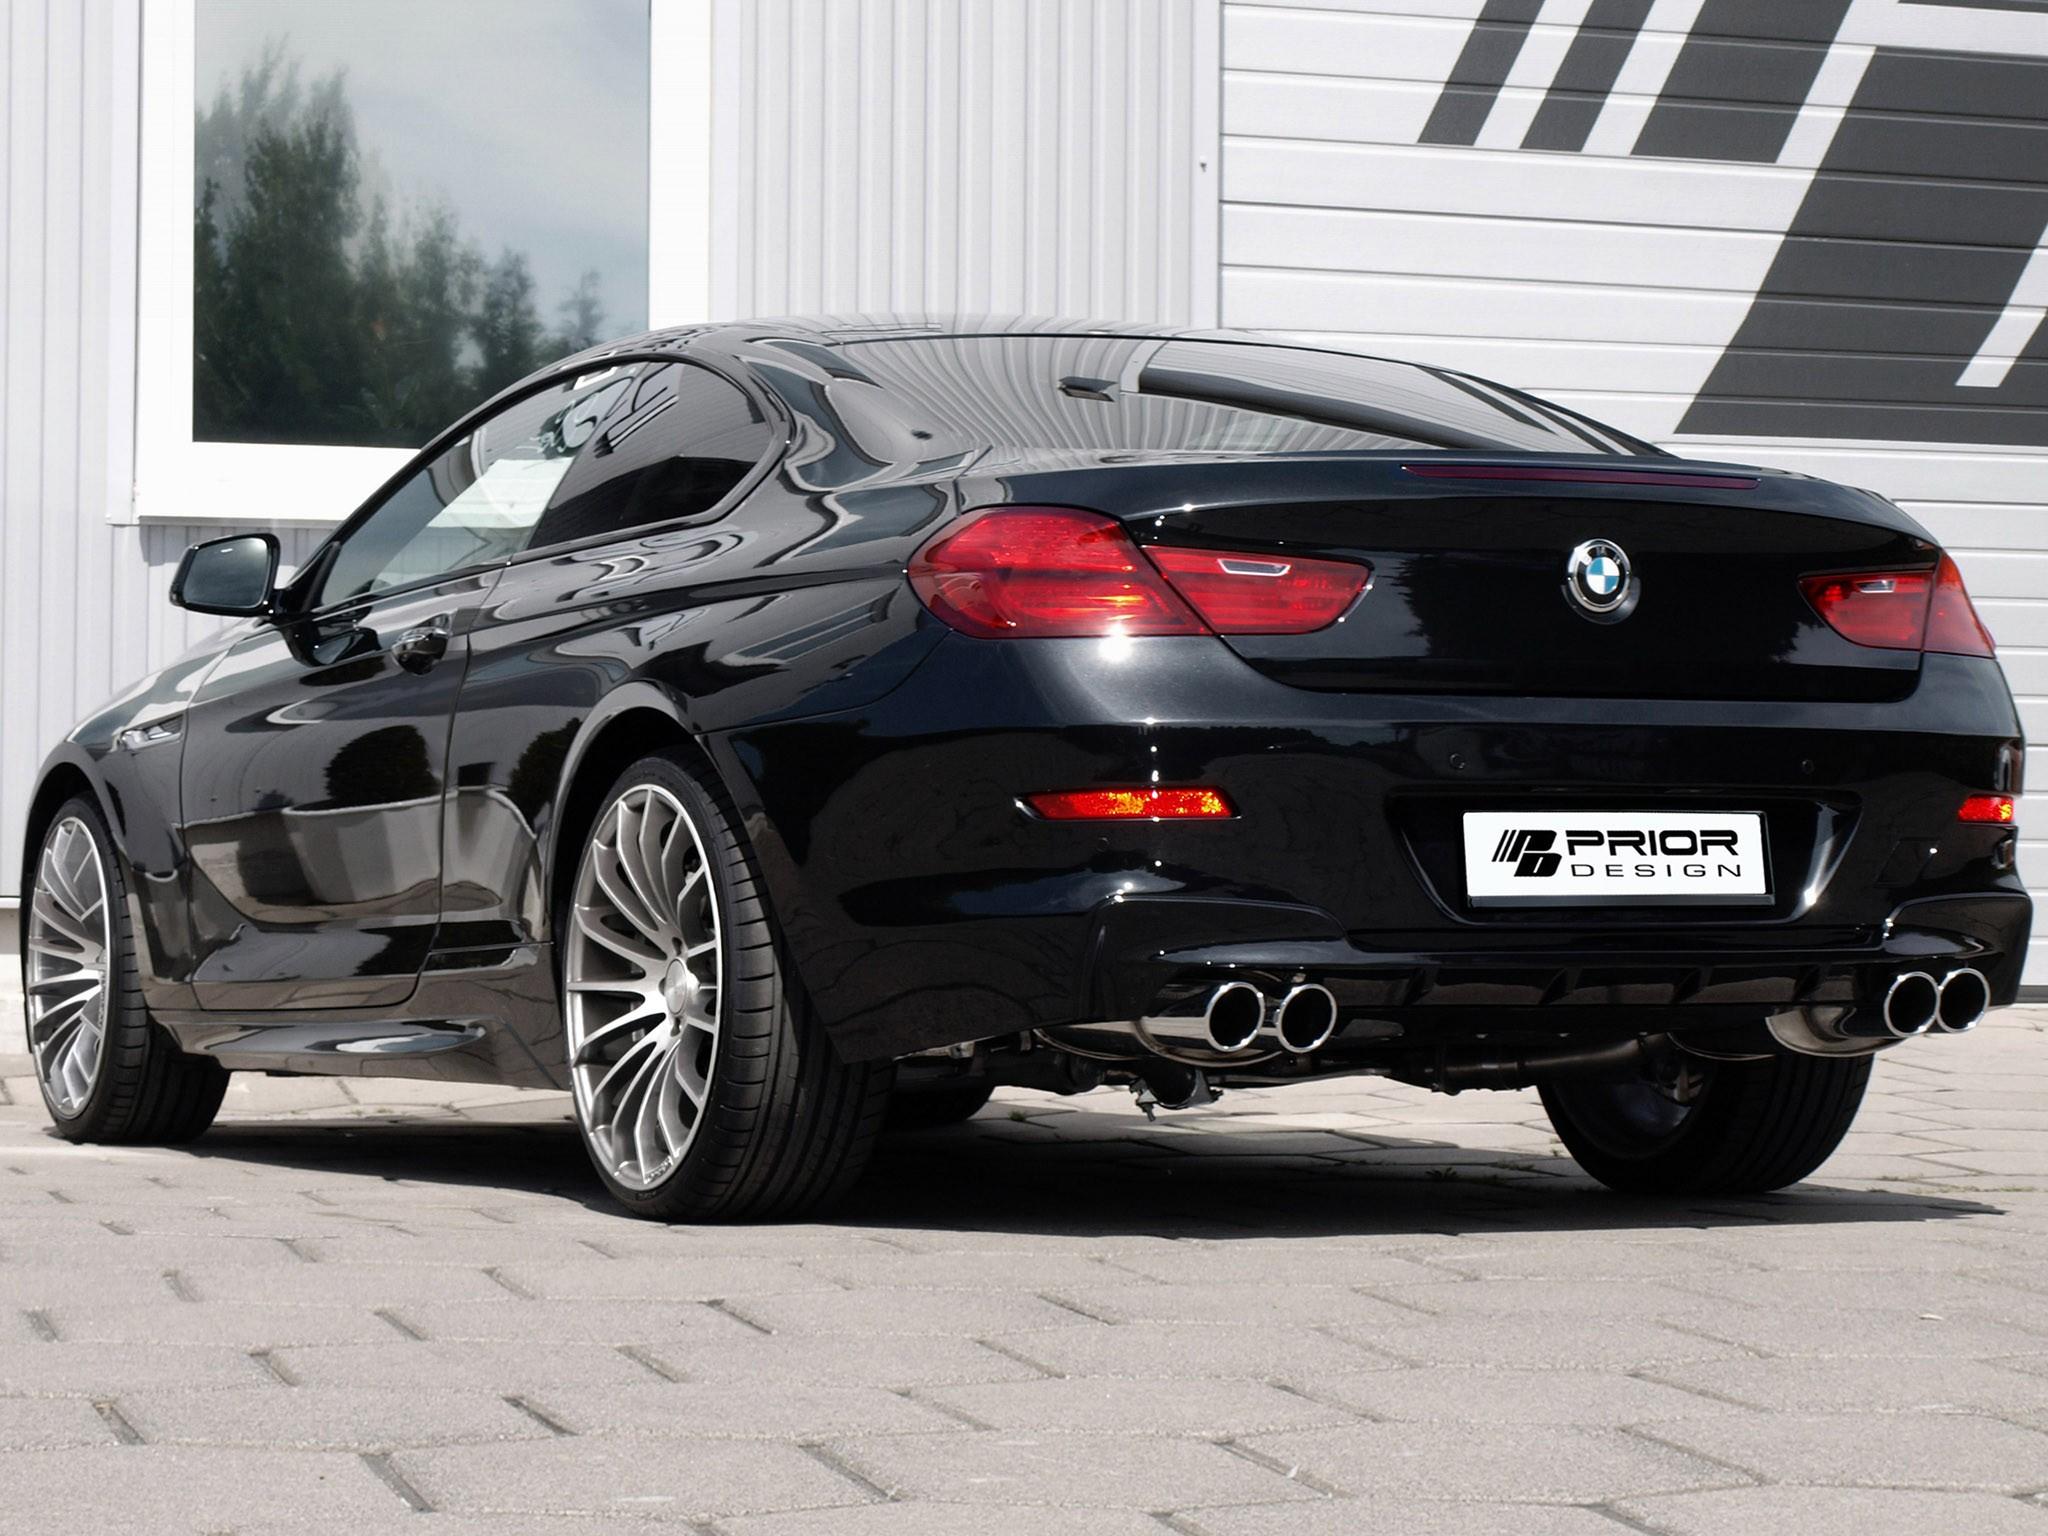 2012 Prior Design - Bmw Serie 6 PD6 F12